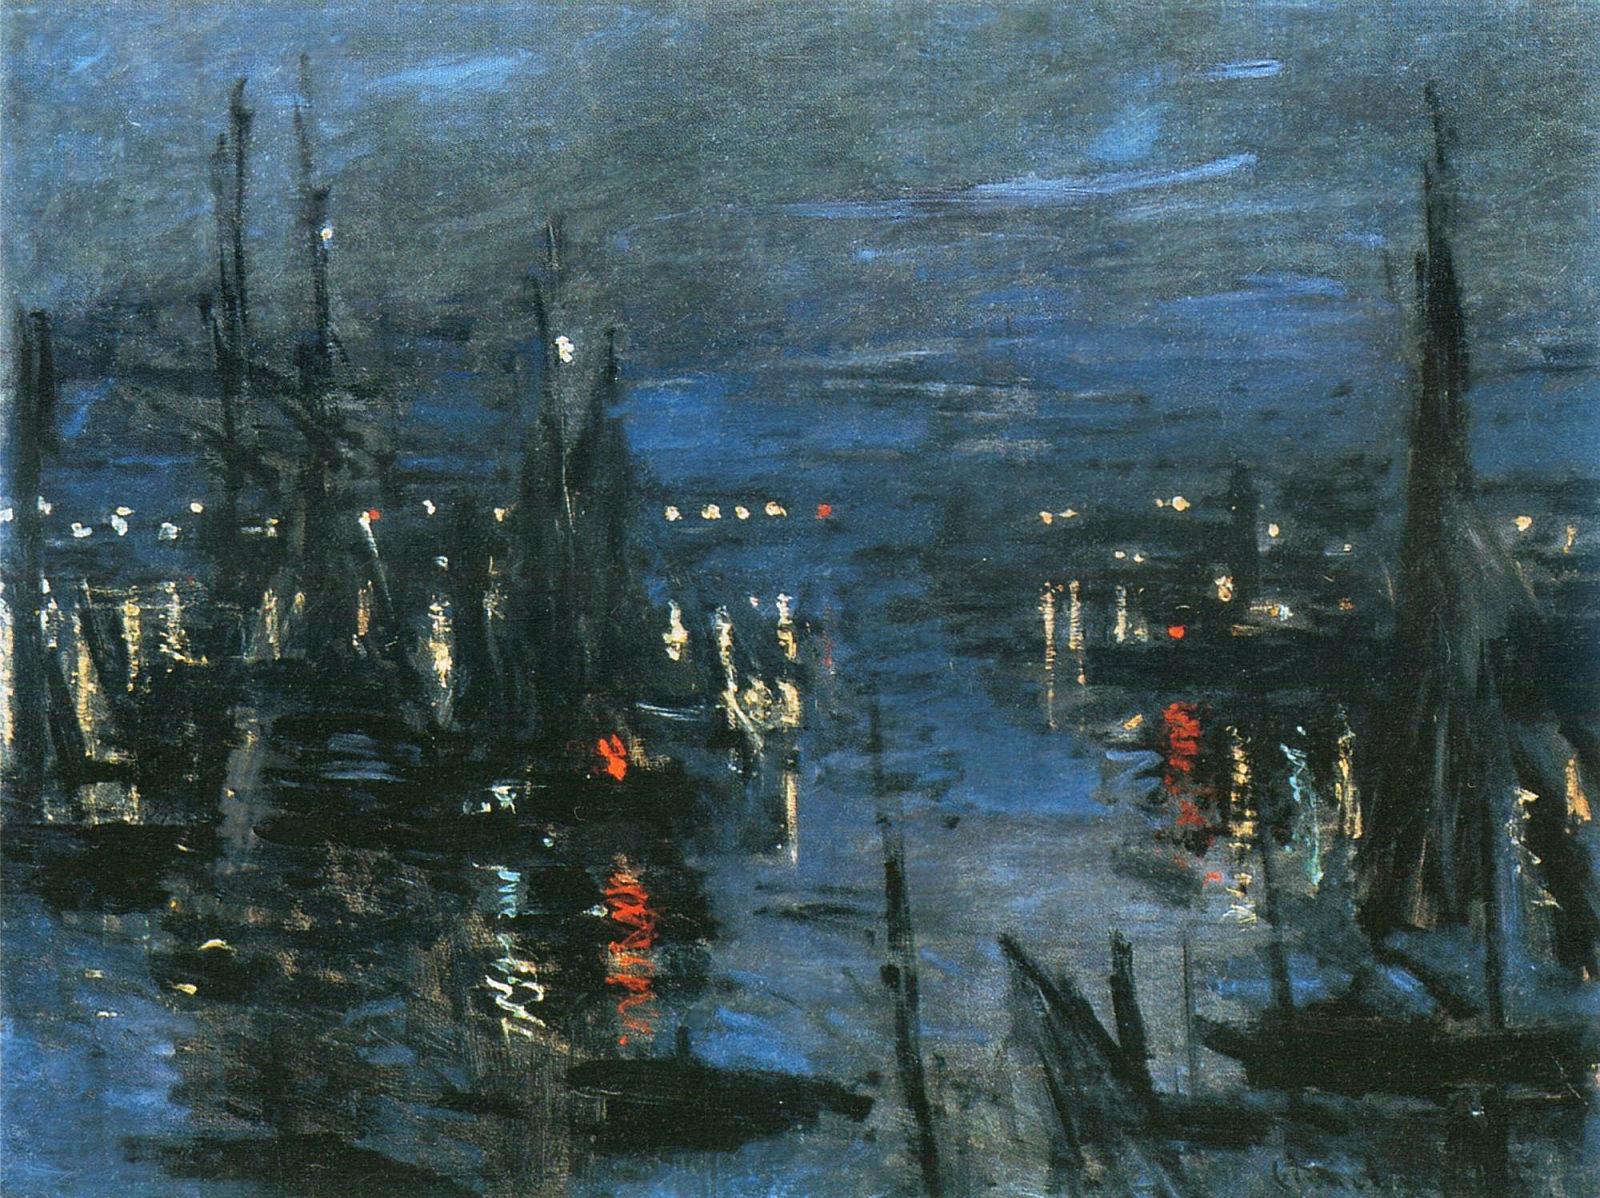 морские пейзажи < Порт Гавр ночью  >:: Клод Моне, описание картины - Море в живописи ( морские пейзажи, seascapes ) фото